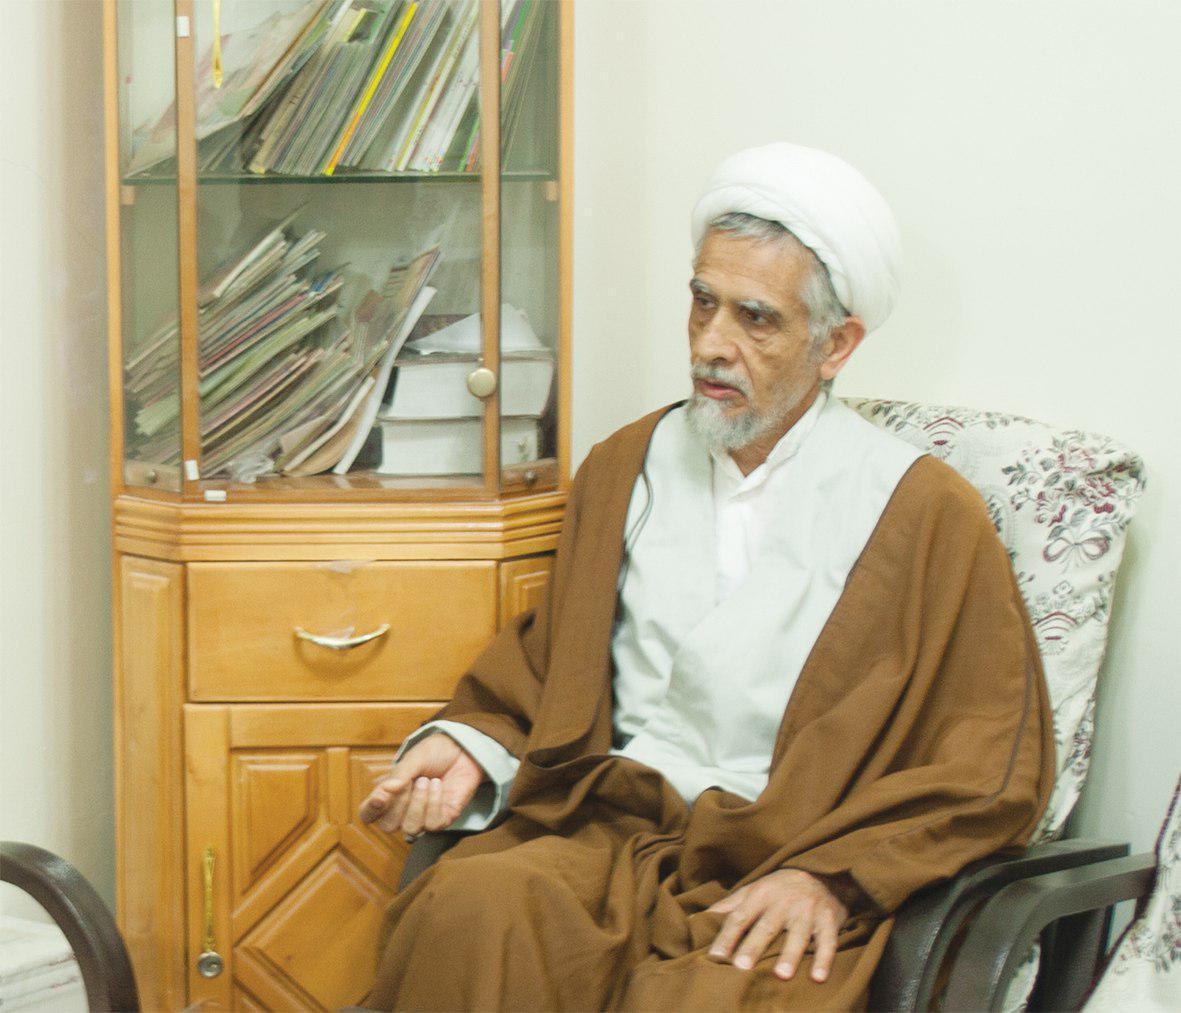 پاسخ شیخ اصلاحات نجف آباد به نقد سخنرانی اش